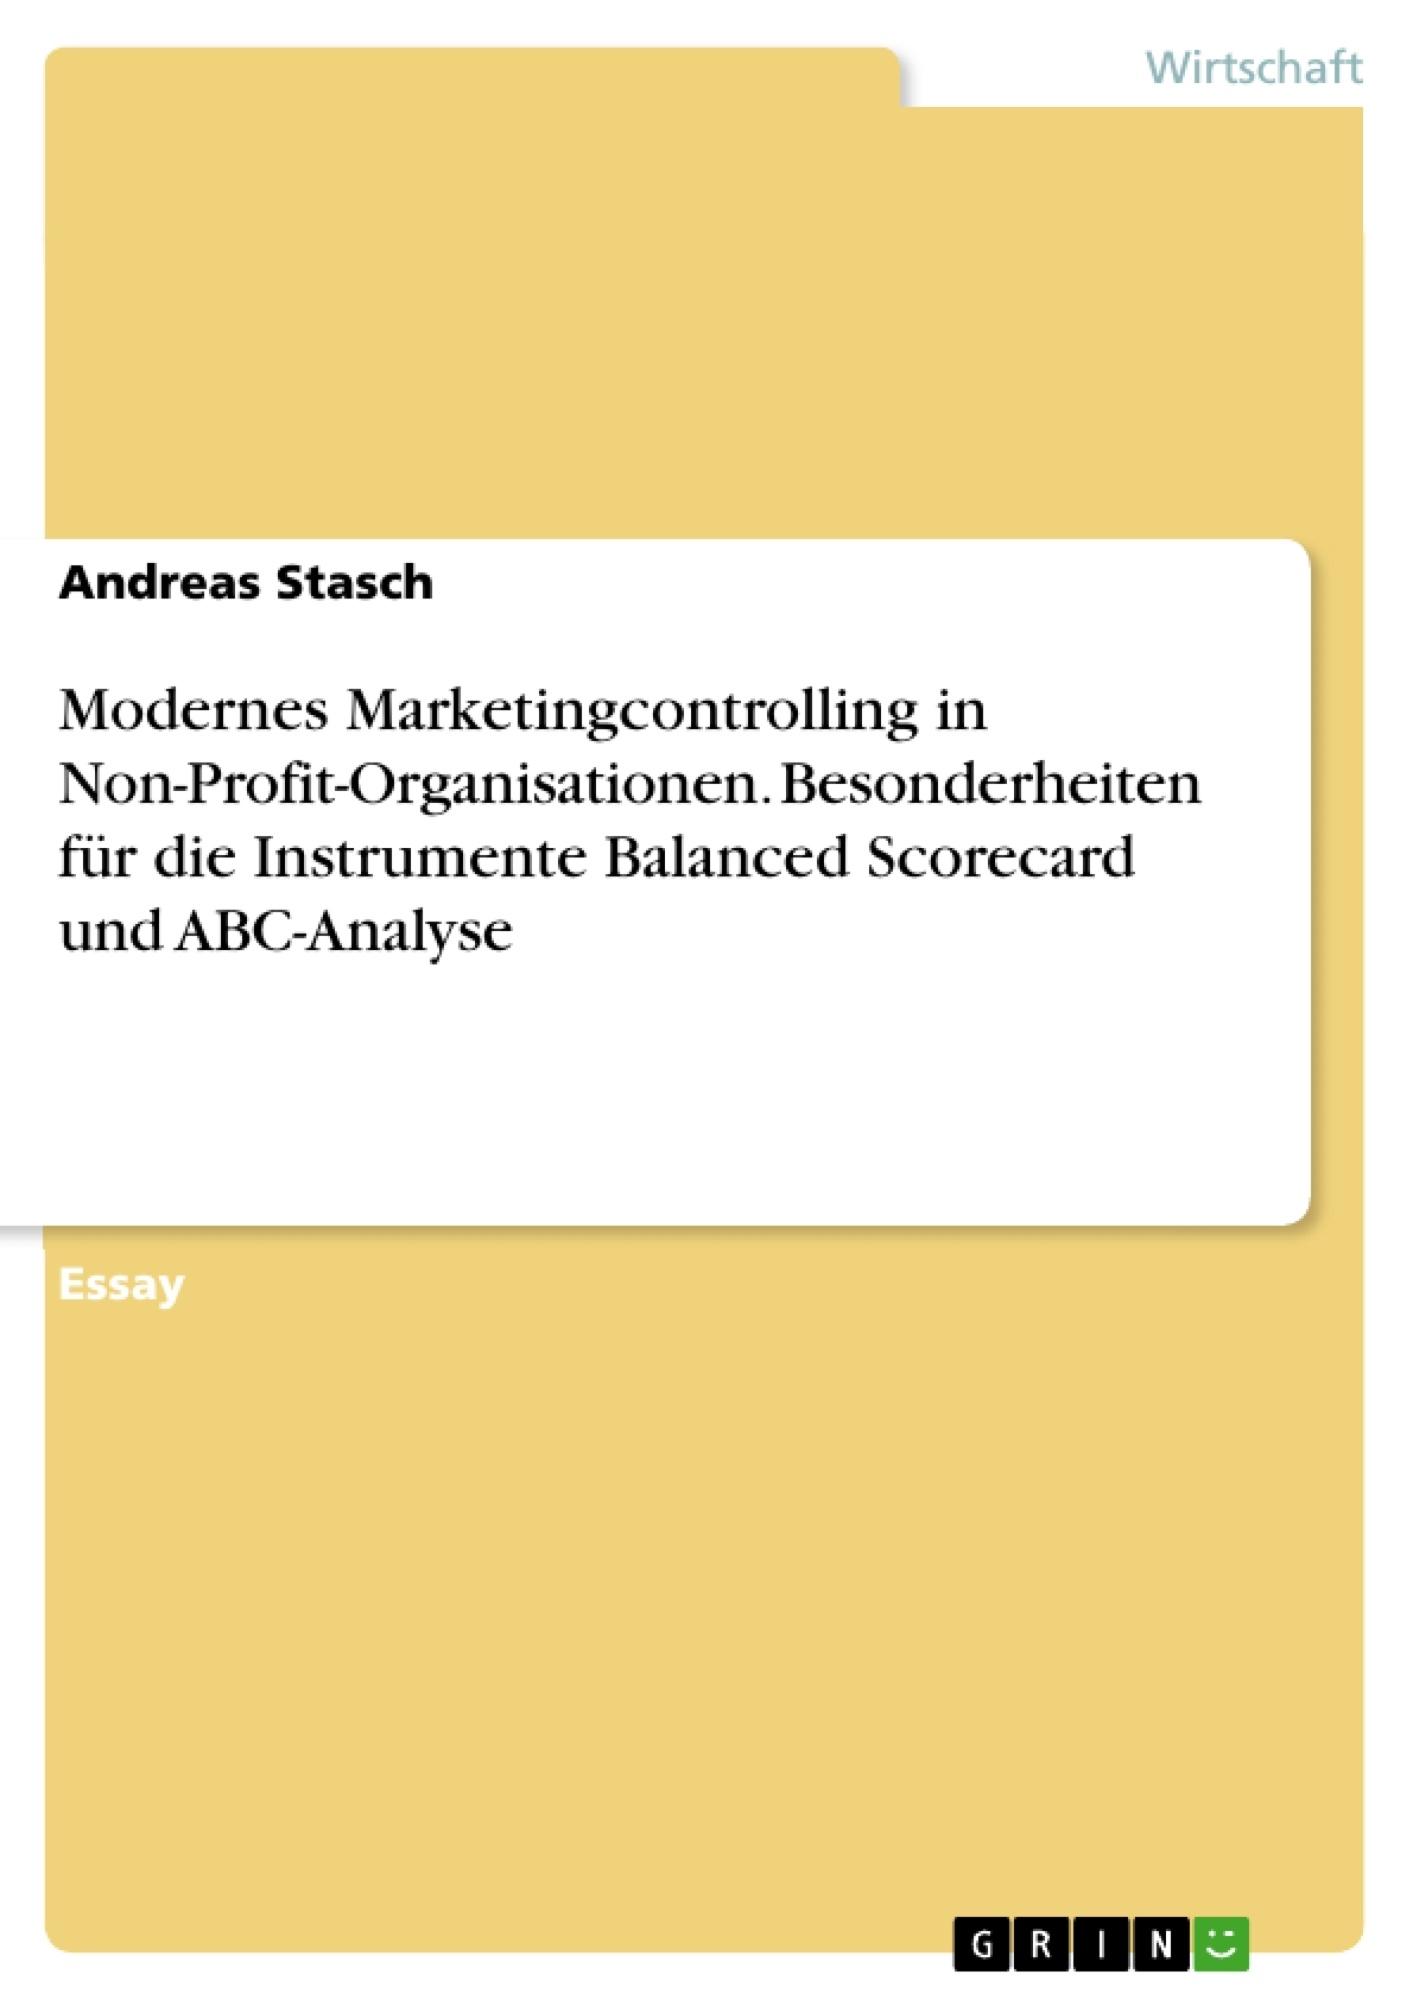 Titel: Modernes Marketingcontrolling in Non-Profit-Organisationen. Besonderheiten für die Instrumente Balanced Scorecard und ABC-Analyse